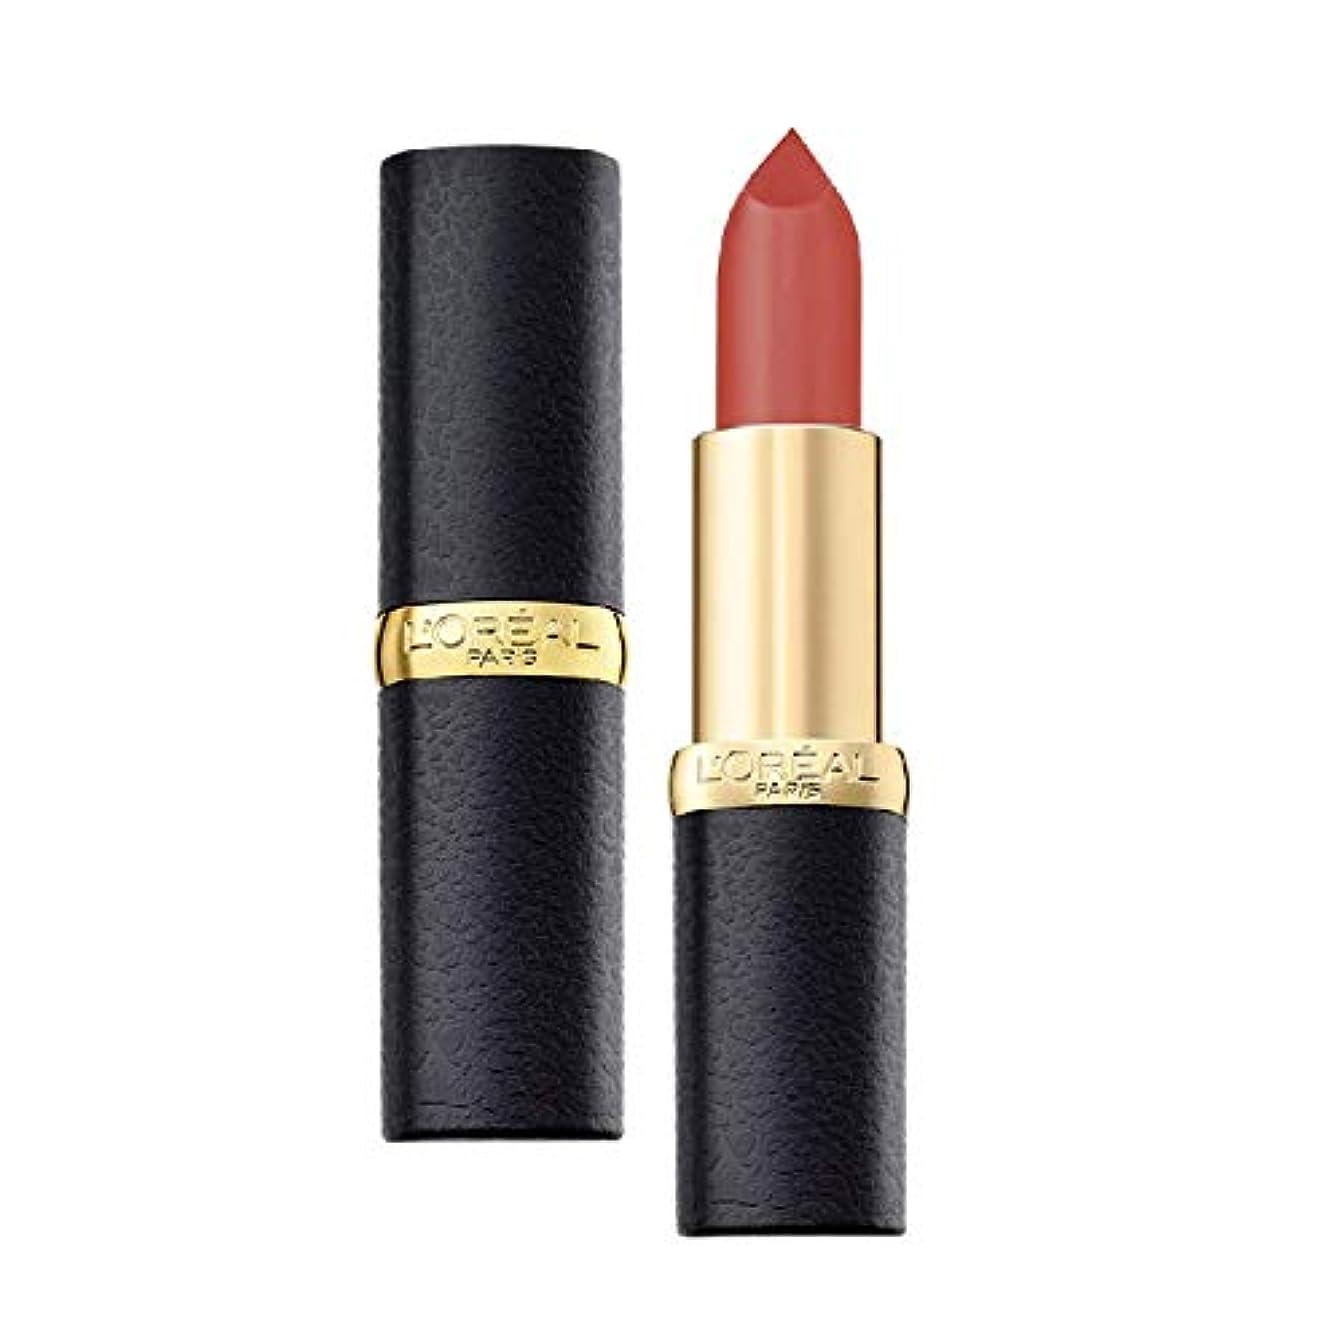 調和ずんぐりした人種L'Oreal Paris Color Riche Moist Matte Lipstick, 233 Rouge A Porter, 3.7g